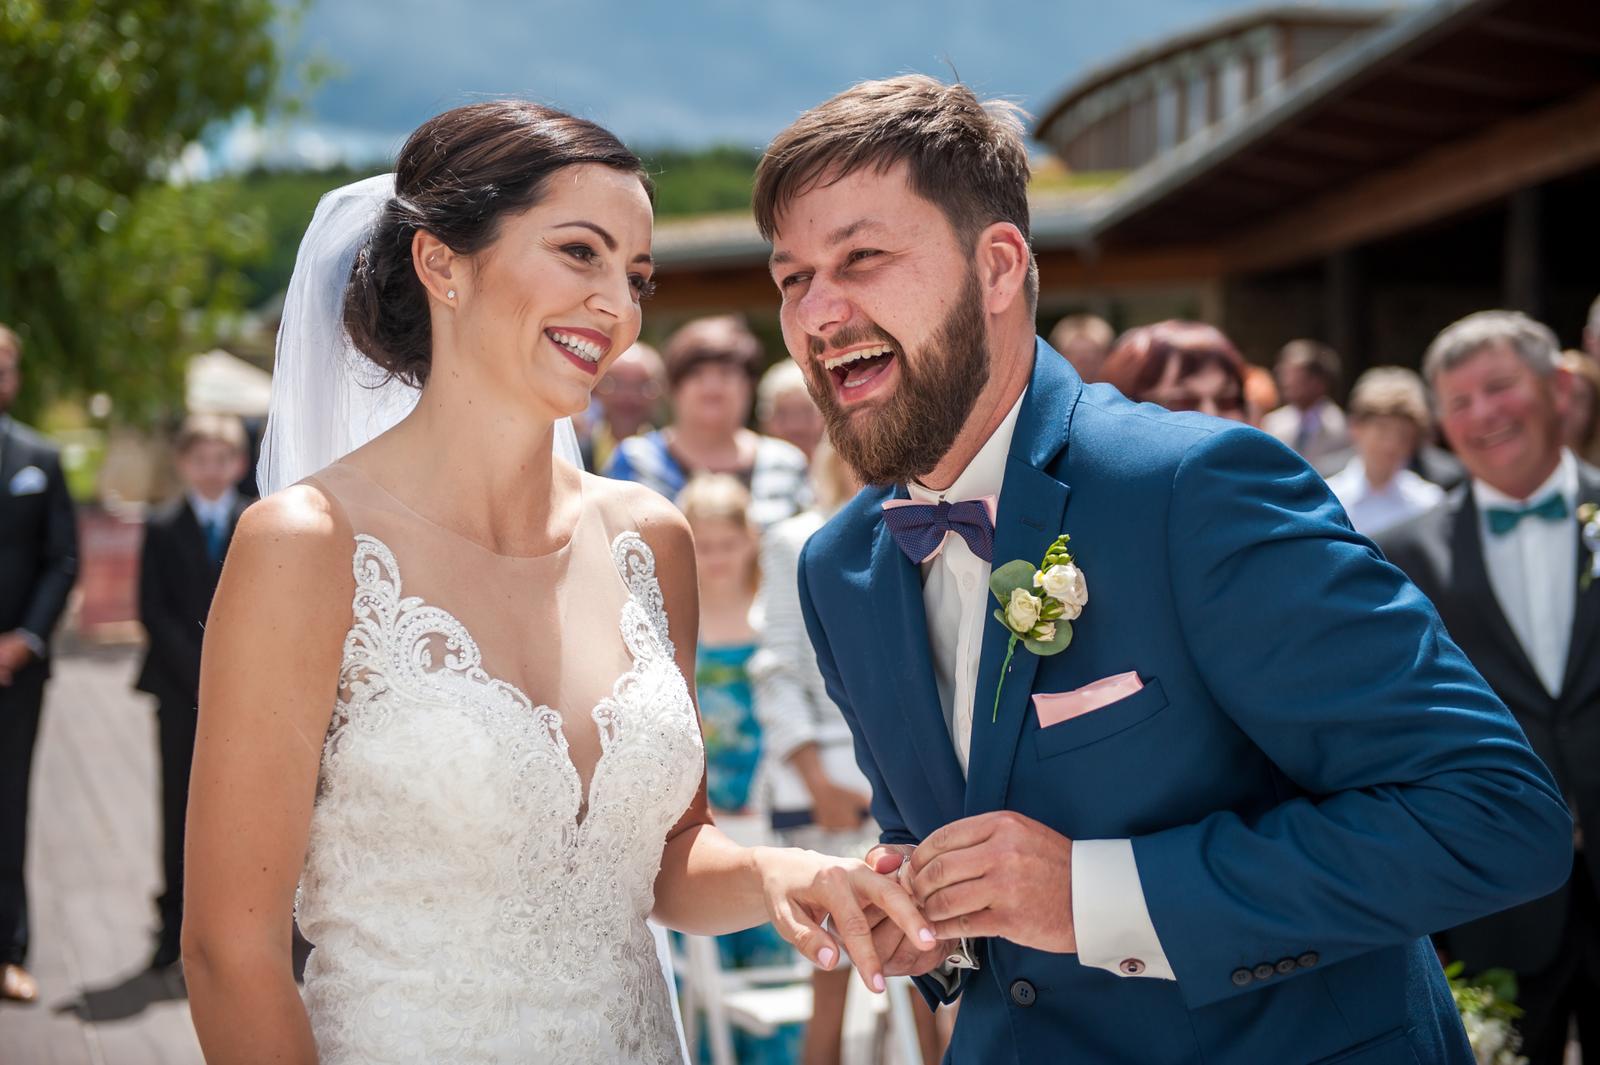 Wedding ♥ - Obrázek č. 35